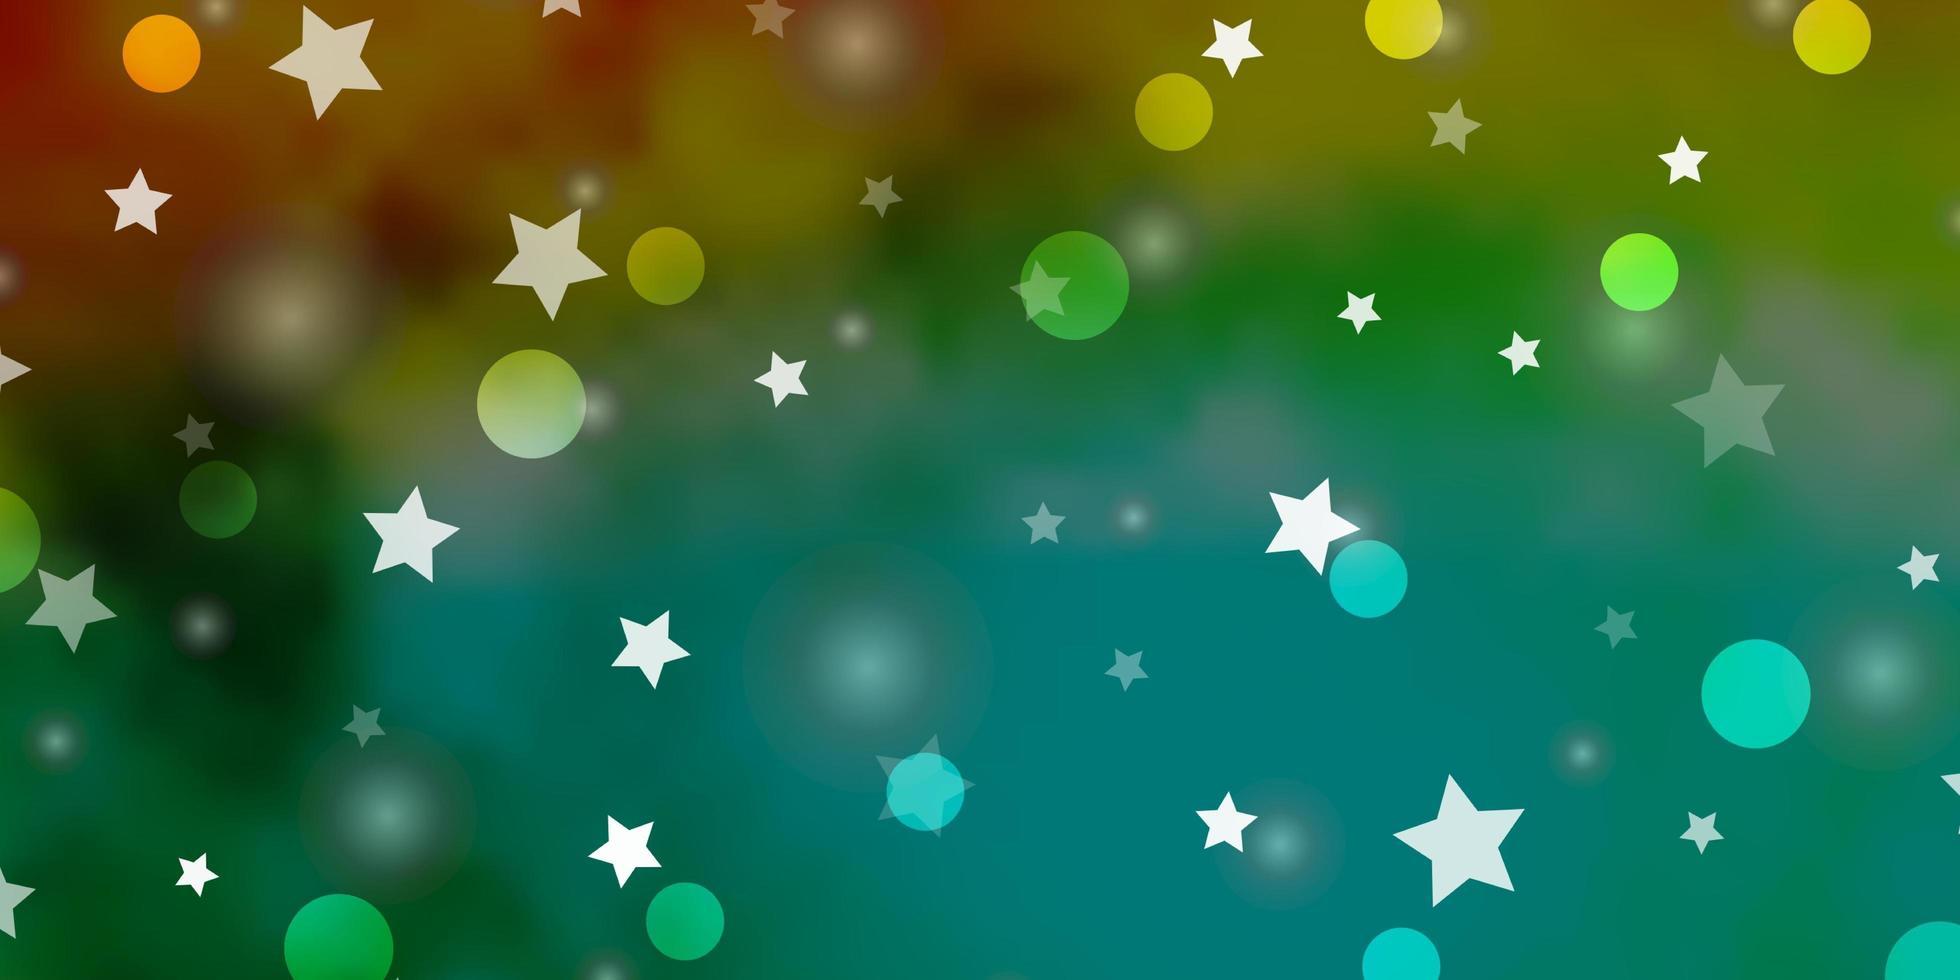 texture de vecteur vert clair, jaune avec des cercles, des étoiles.